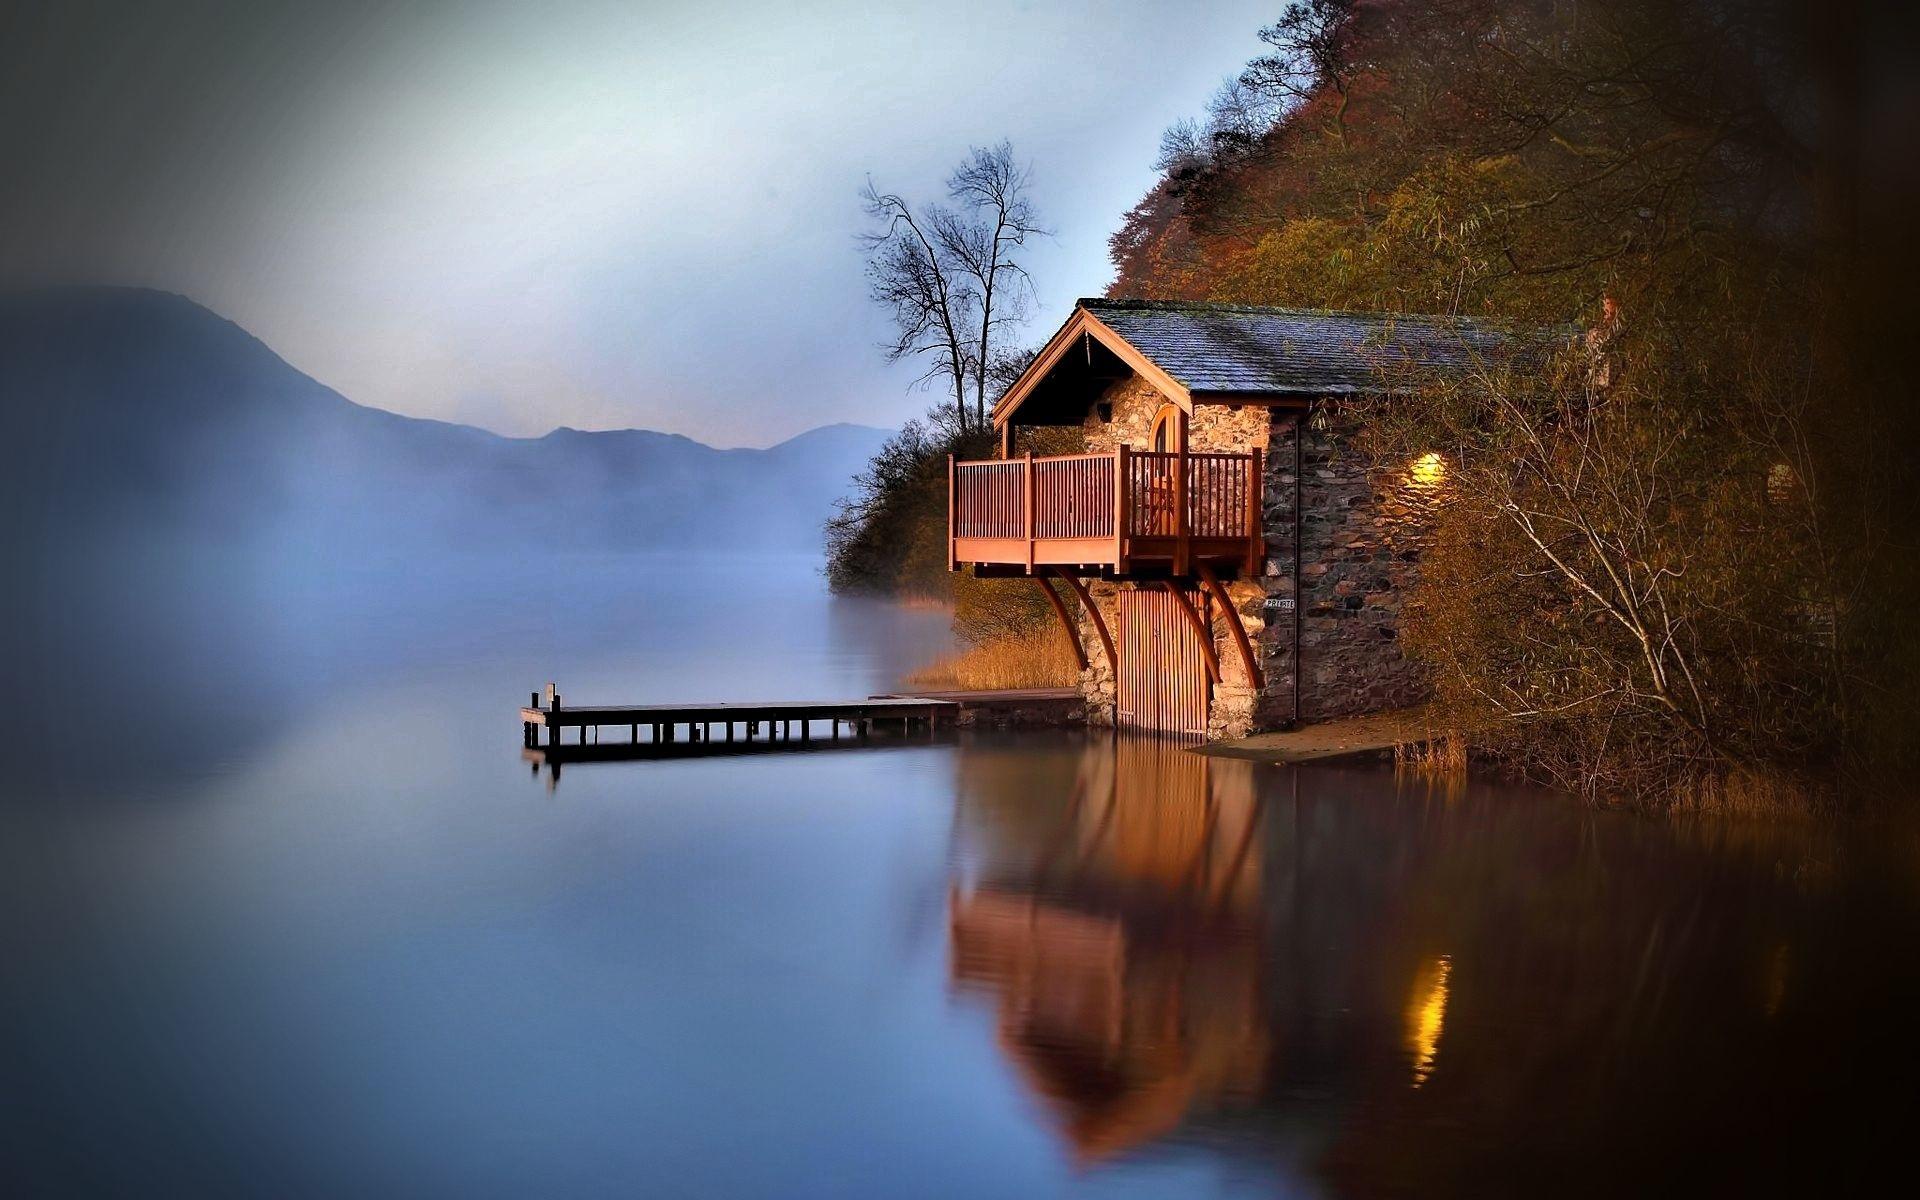 Дом у озера картинки красивые, открытка фотографий